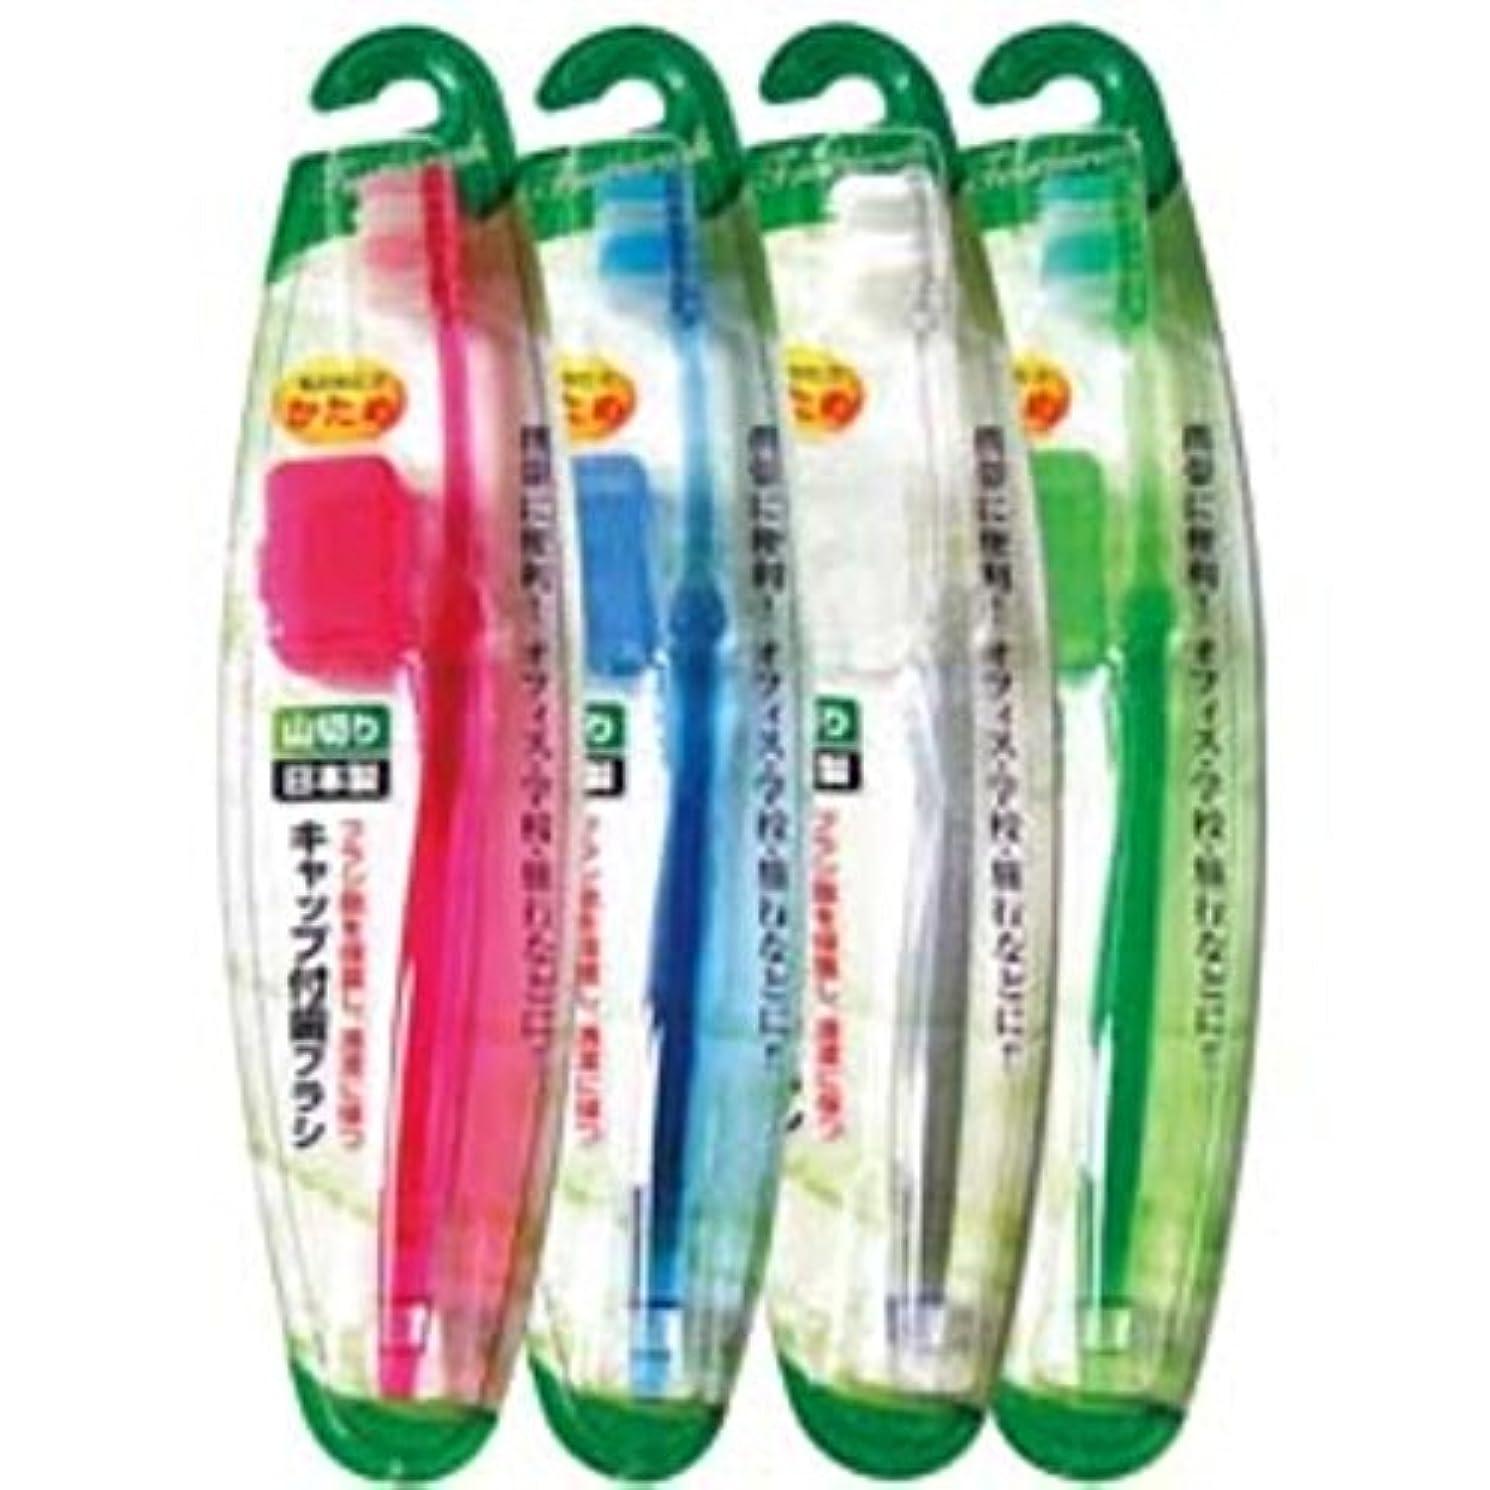 未来歩くスペインキャップ付歯ブラシ山切りカット(かため)日本製 japan 【まとめ買い12個セット】 41-210